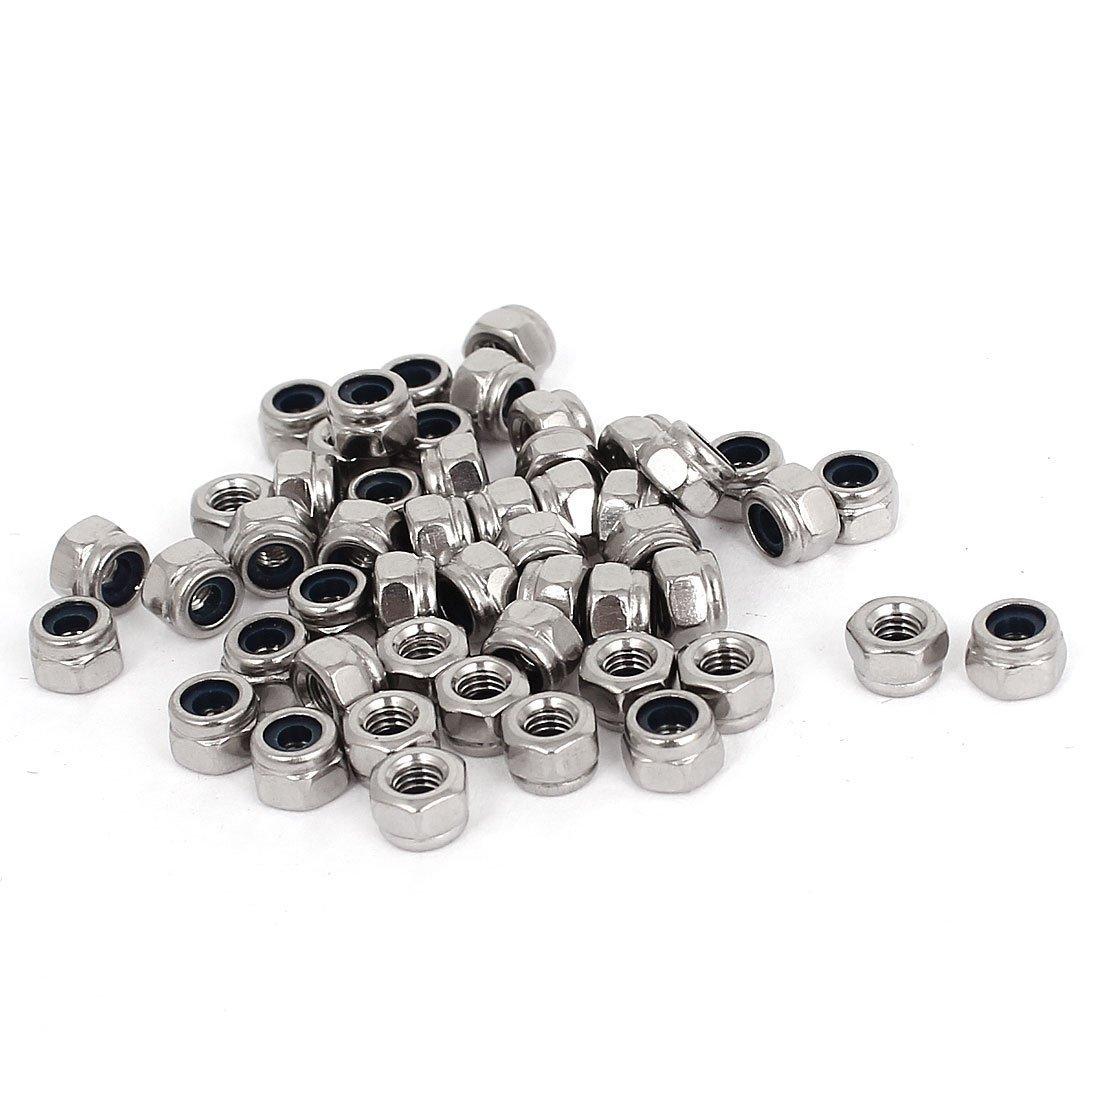 arandela para montaje en bastidor 20 piezas tornillo de 20 mm con Phillips SECCARO Tuercas de jaula M5 en conjunto PH acero galvanizado